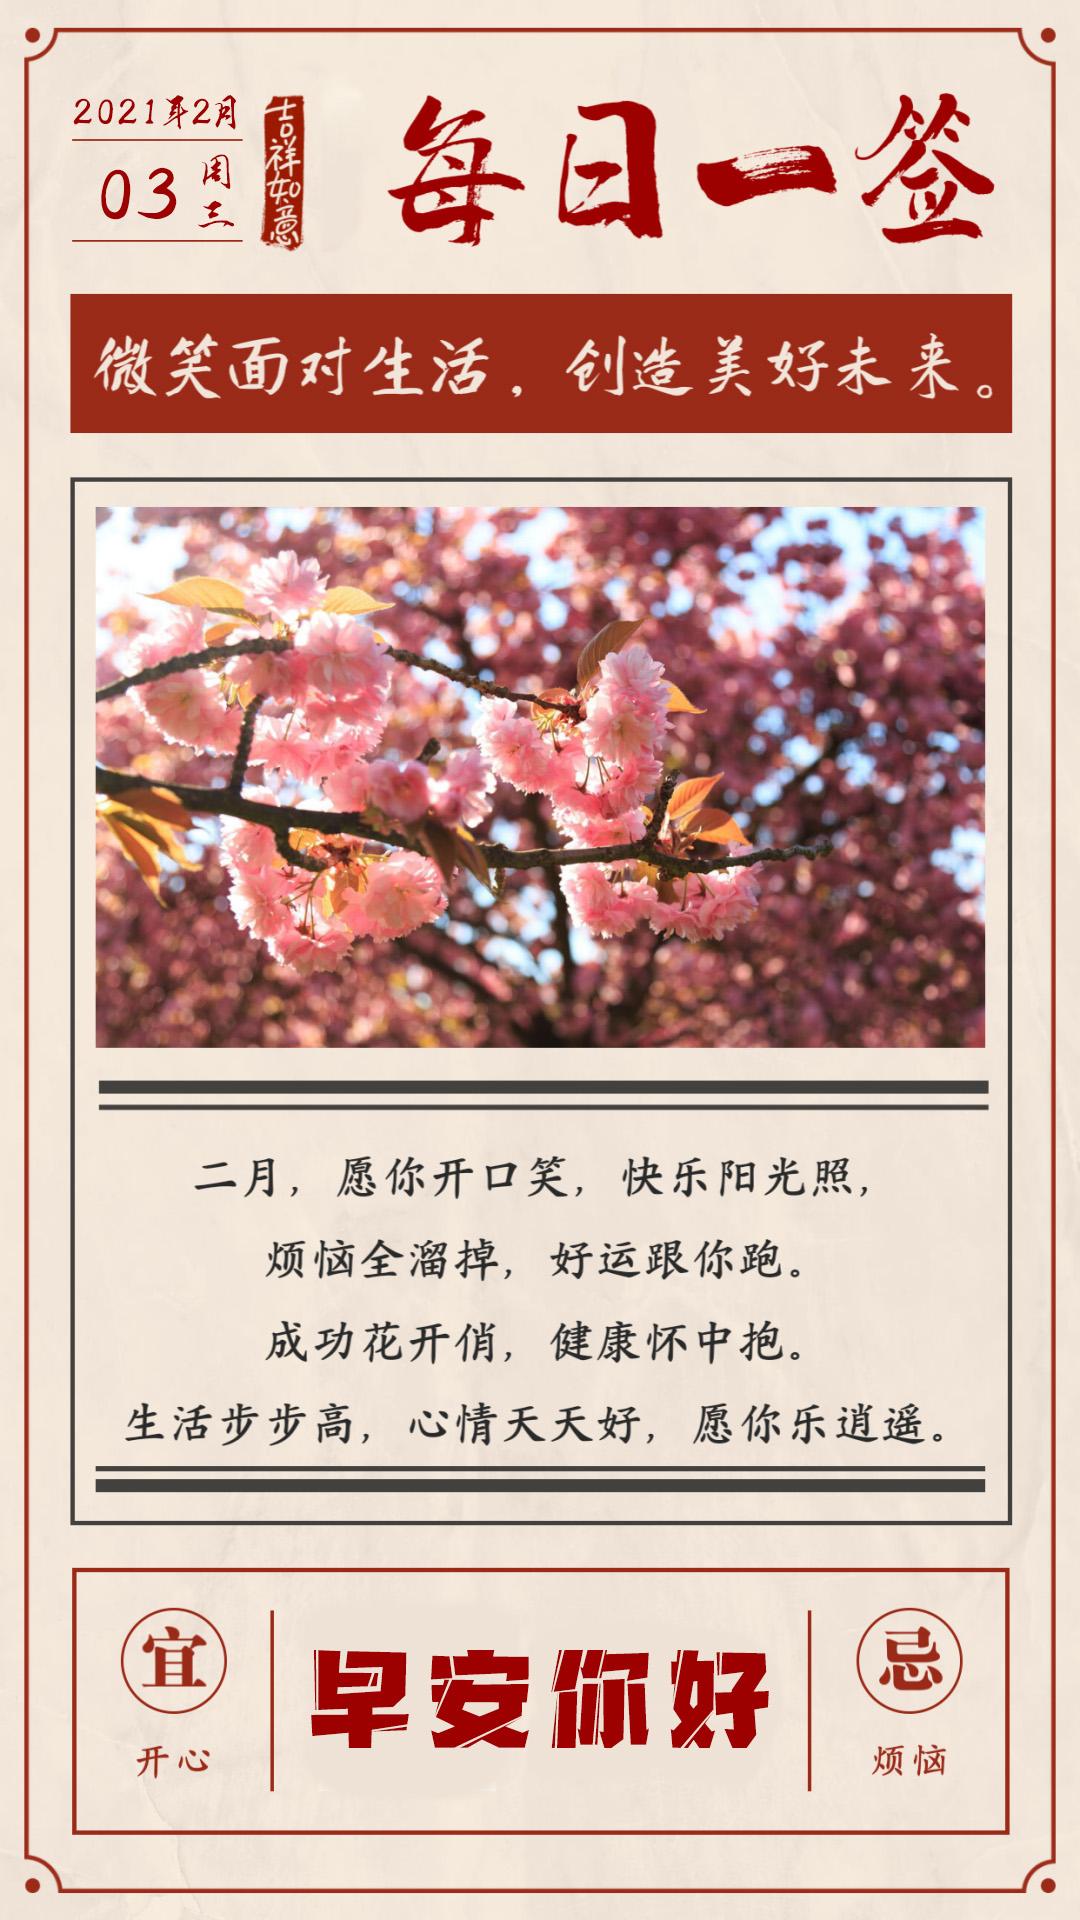 立春早安心语正能量图片,2月3日早安日签加字